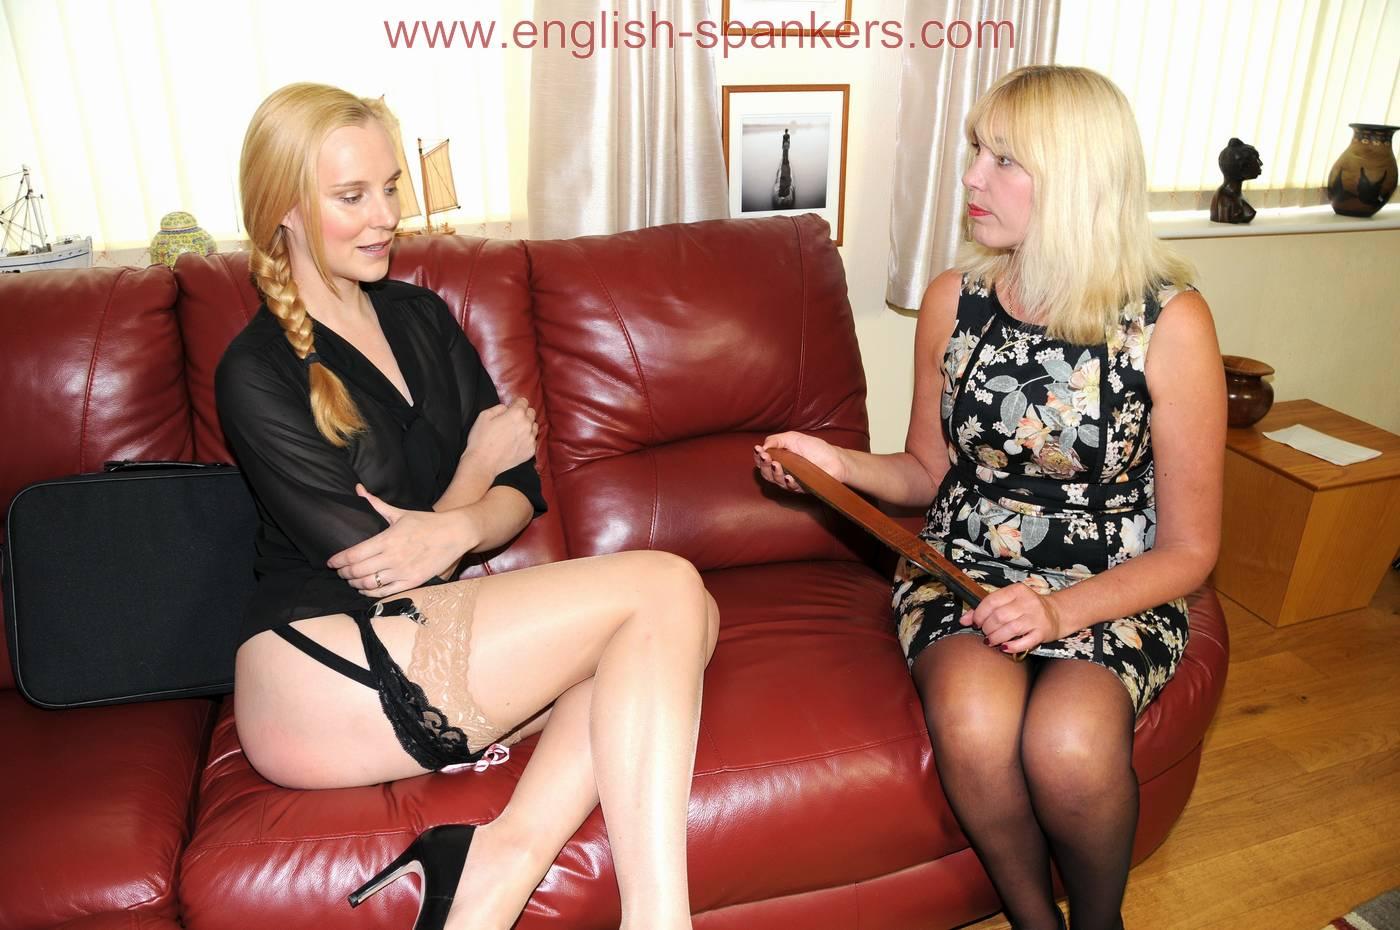 English spanking emily jane apologise, but